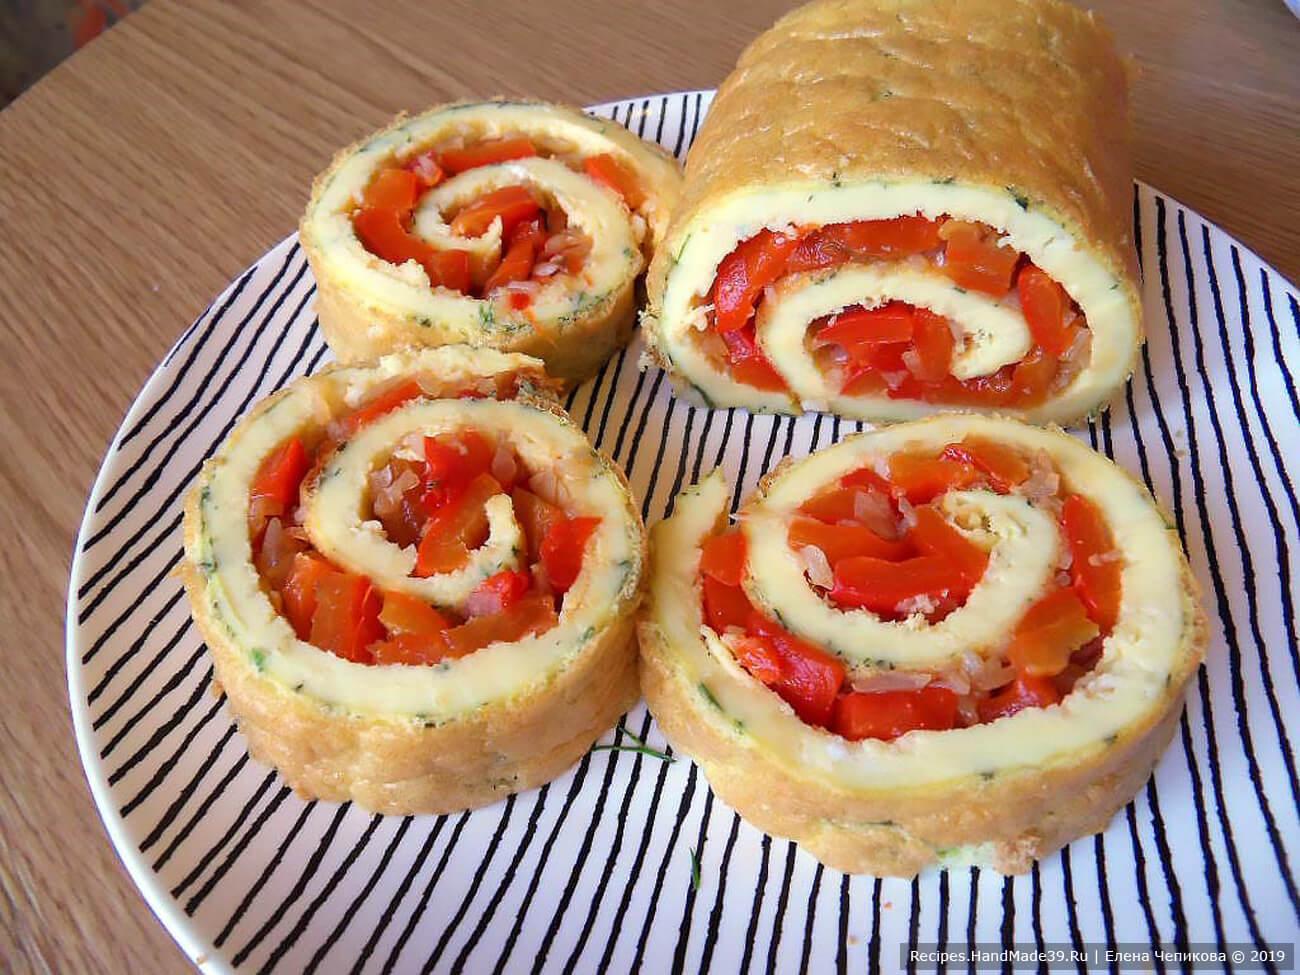 Омлет нарезать ломтиками. Яичный рулет с запечённым болгарским перцем можно подавать как в горячем, так и в холодном виде. Приятного аппетита!